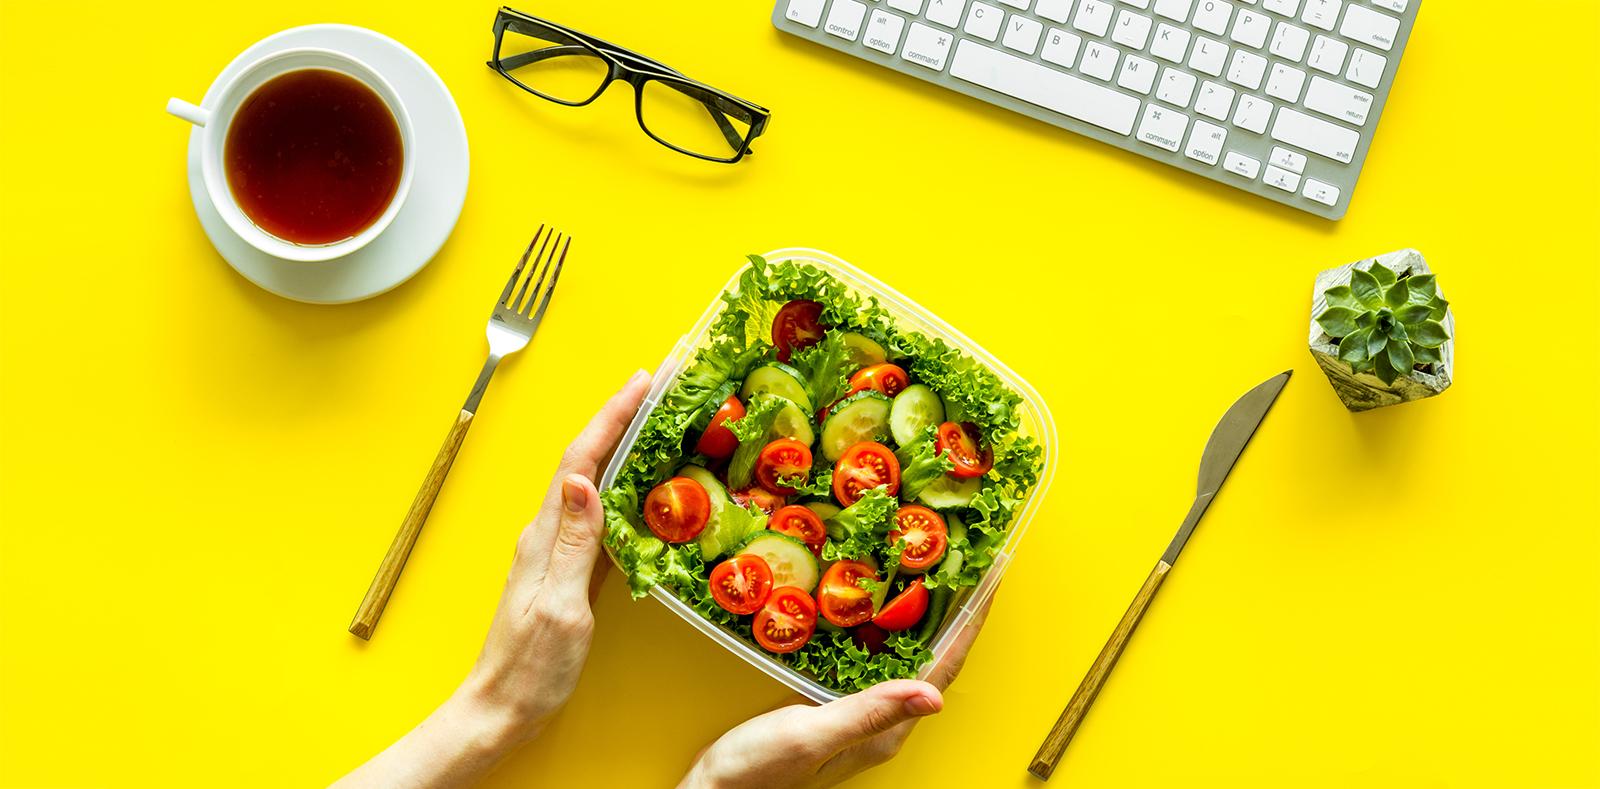 Blog Sodexo Portugal - Sustentabilidade, Alimentação e Motivação. Estarão relacionadas?